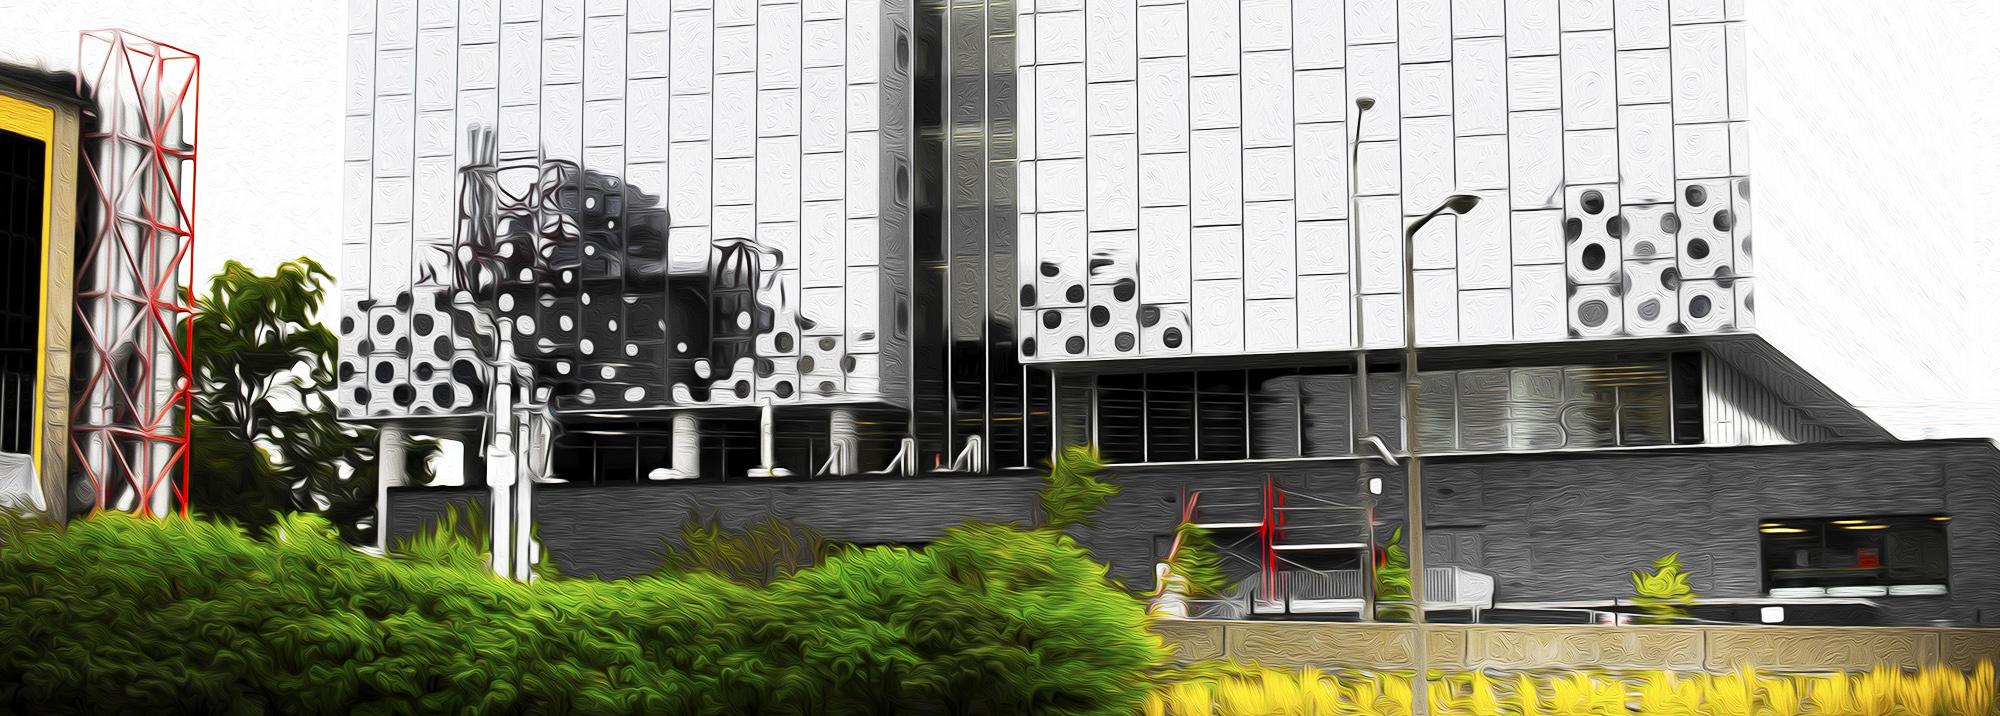 Image de l'édifice stim